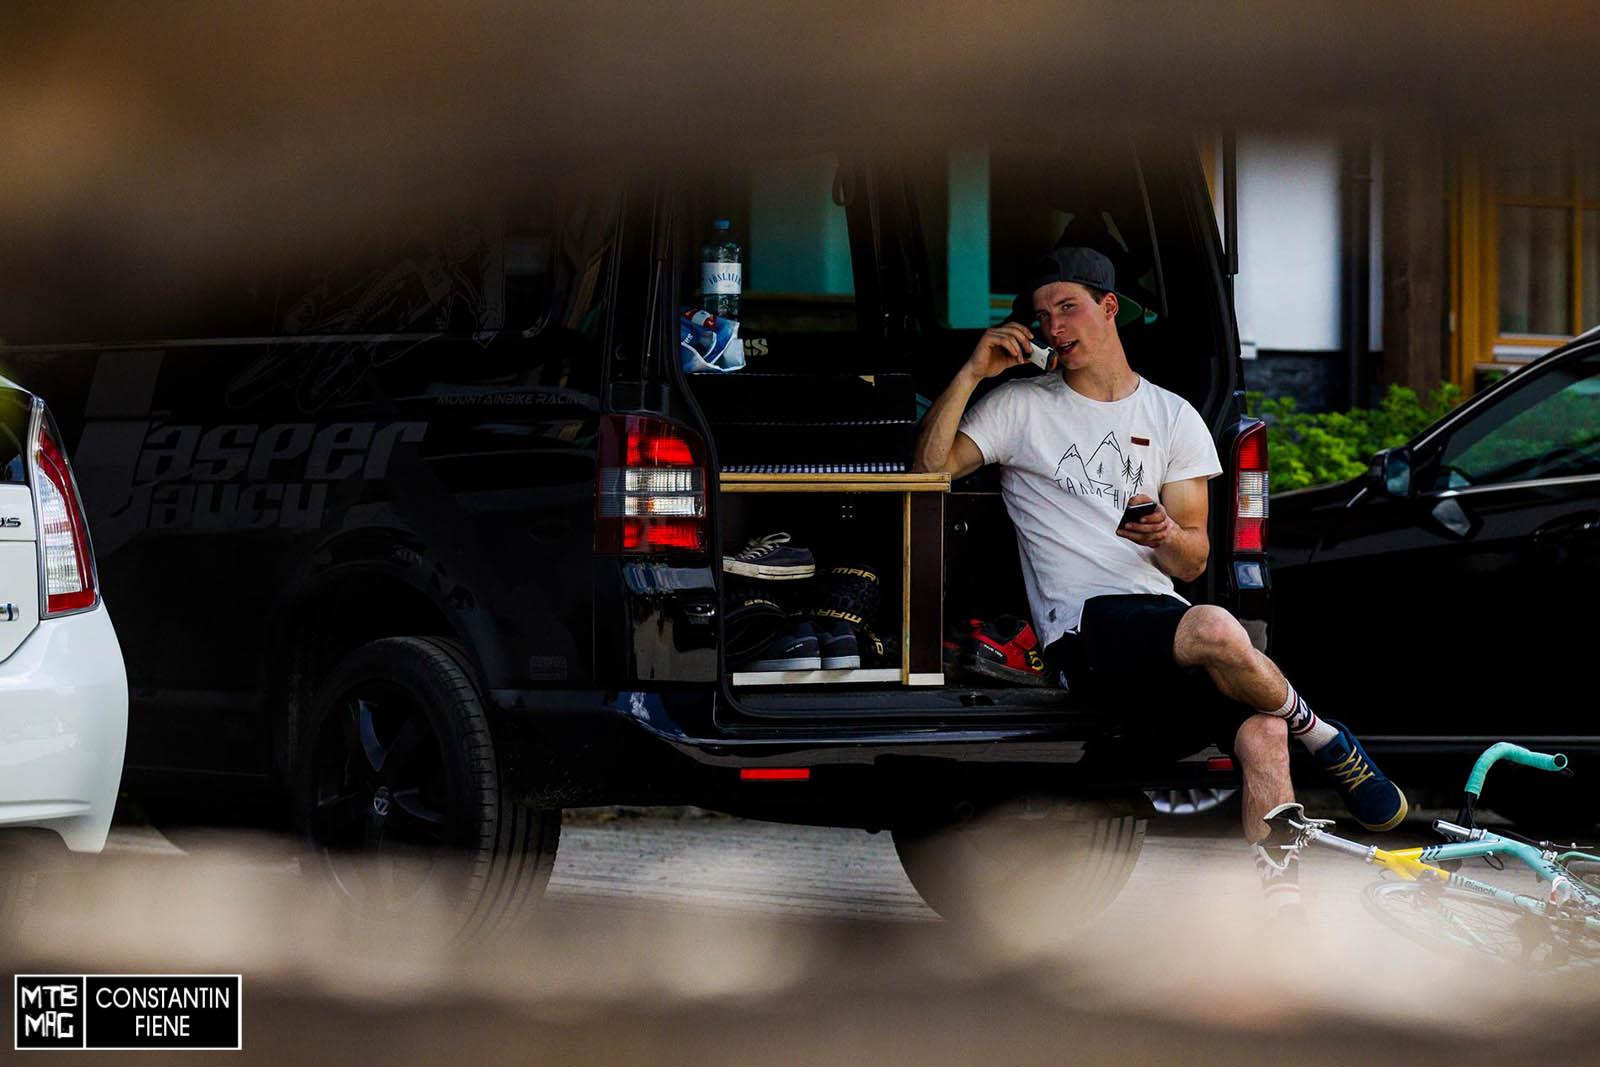 Überlebenskünstler und Lifestyle- Sportler Jasper Jauch zeigt sich gut gelaunt am Ende des Tages.